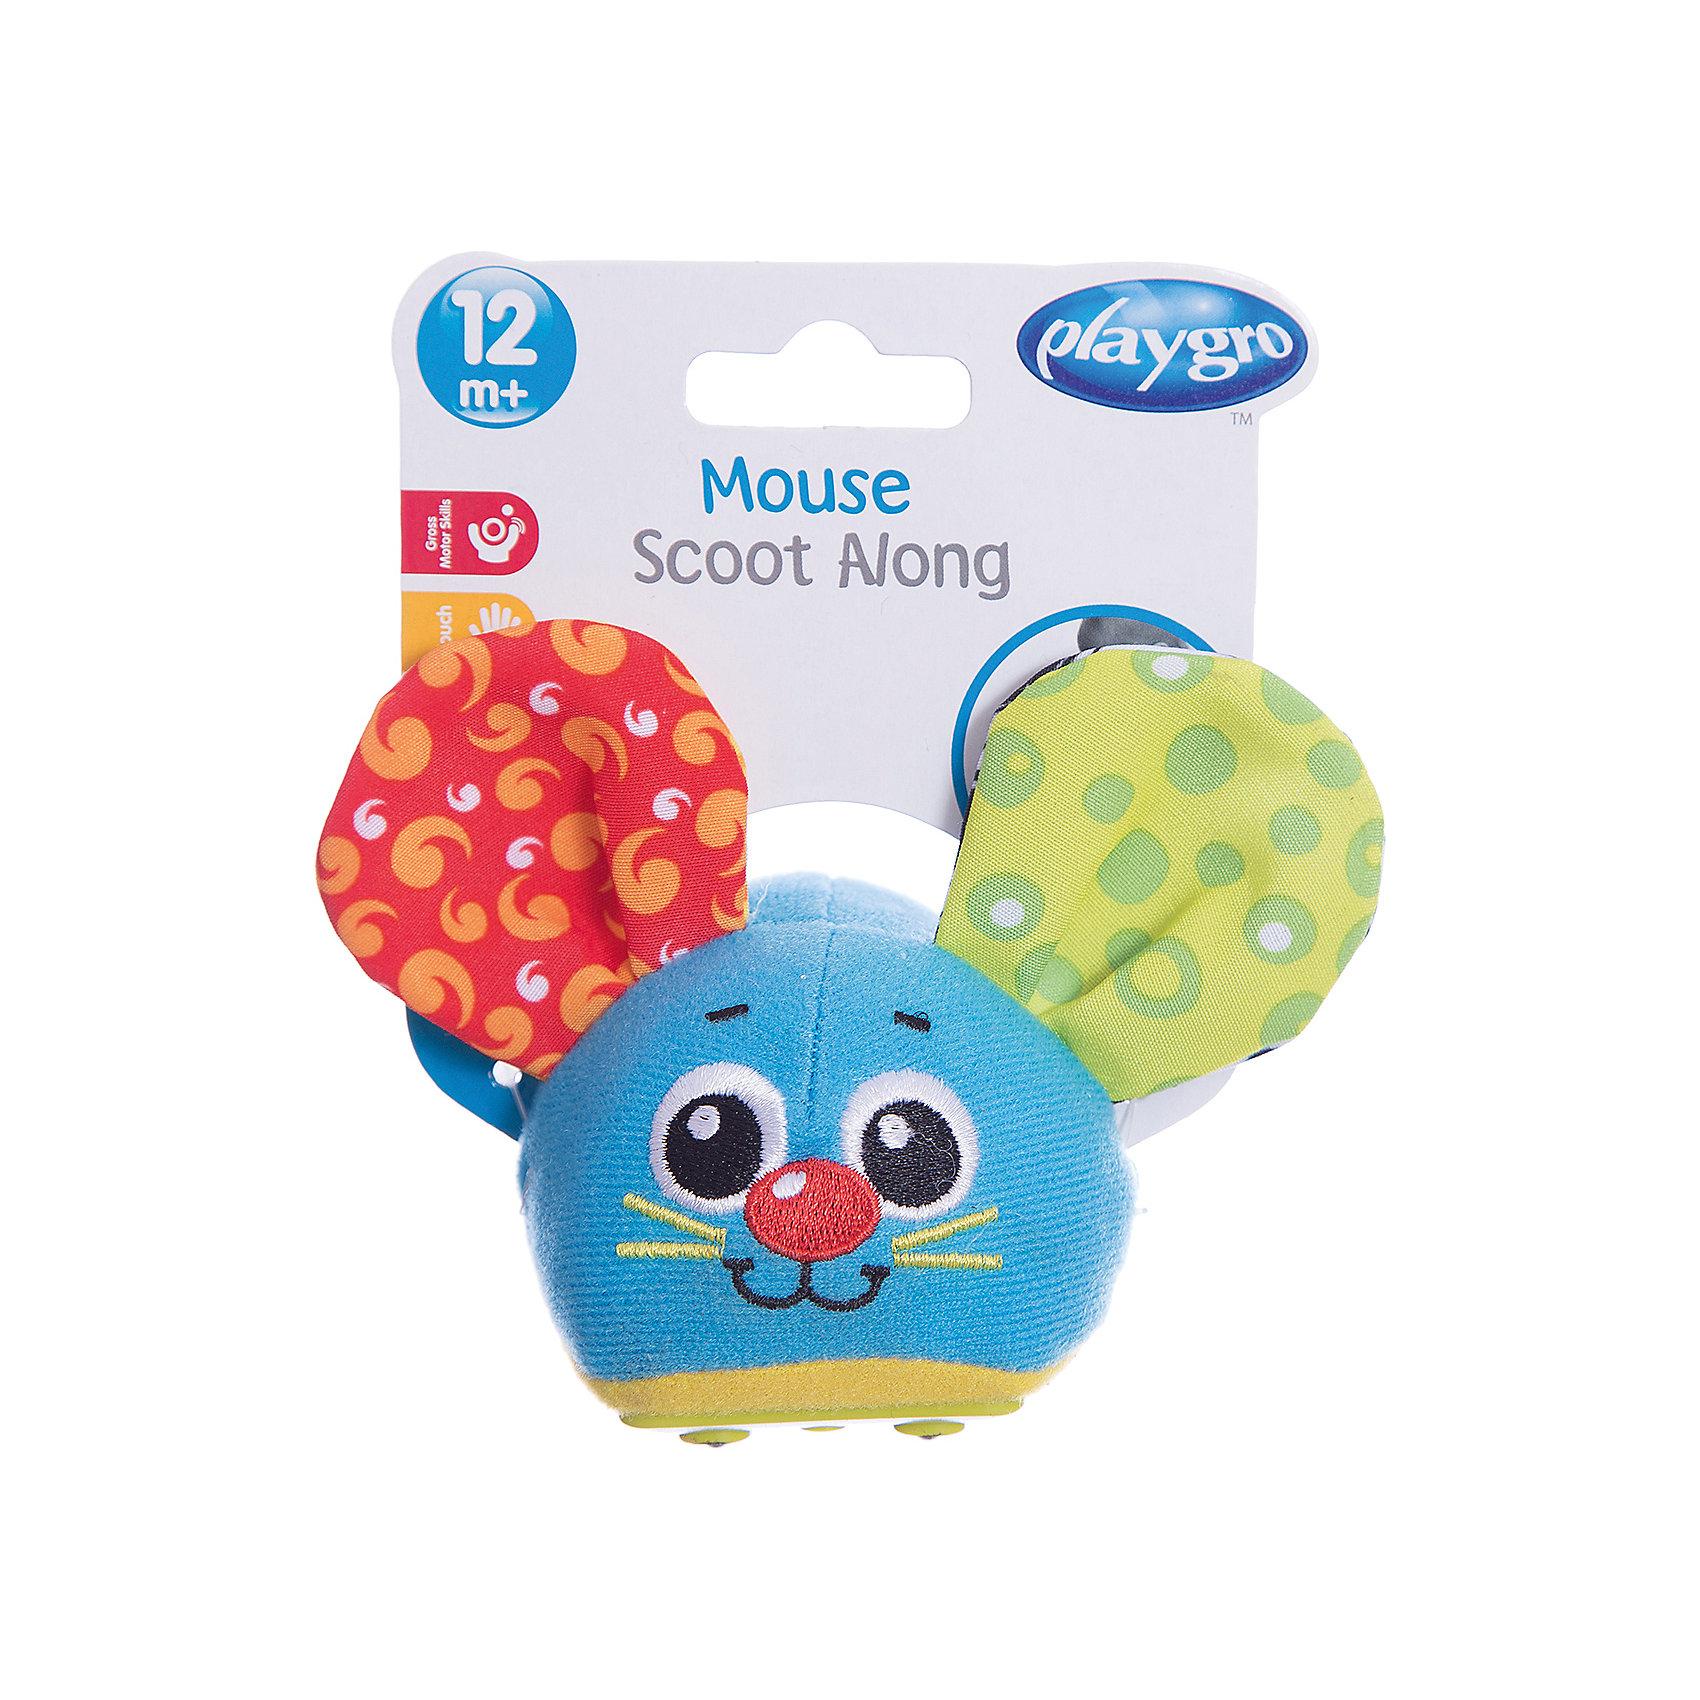 Игрушка инерционная Мышка, PlaygroИгрушки для малышей<br>Яркая и симпатичная игрушка Мышка может издавать забавные звуки и вибрировать. Для того чтобы мышка поехала вперед, ее нужно оттянуть и отпустить. Игрушка поможет ребенку развить двигательную активность, а встроенные звуки будут стимулировать слуховое восприятие.<br><br>Дополнительная информация:<br><br>- Возраст: от 6 месяцев до 3 лет<br>- Материал: пластик, текстиль<br>- Размер: 8х7х8 см<br>- Вес: 0.05 кг<br><br>Игрушку инерционную Мышка, Playgro можно купить в нашем интернет-магазине.<br><br>Ширина мм: 80<br>Глубина мм: 70<br>Высота мм: 80<br>Вес г: 50<br>Возраст от месяцев: 6<br>Возраст до месяцев: 36<br>Пол: Унисекс<br>Возраст: Детский<br>SKU: 4779538